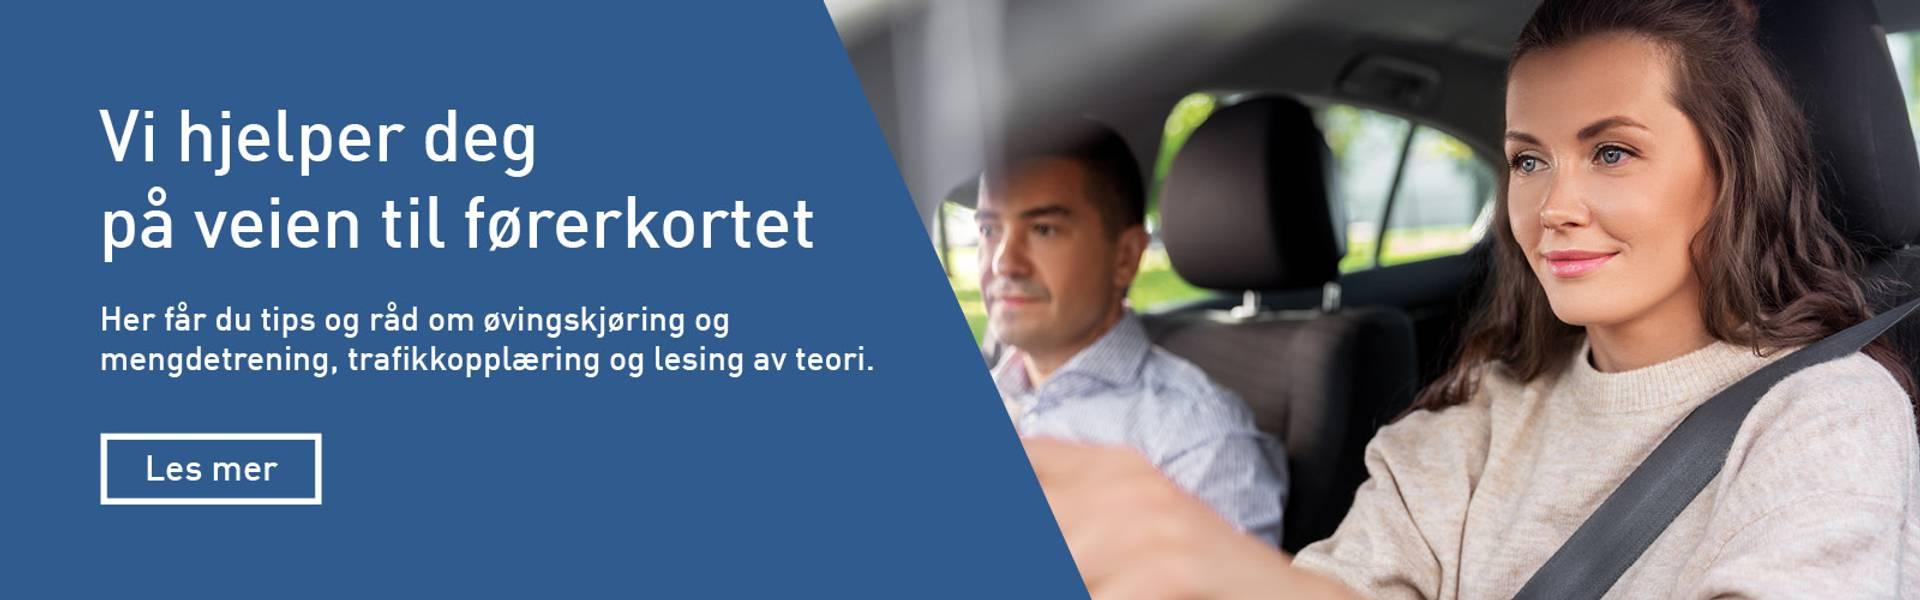 Vi hjelper deg på veien til førerkortet